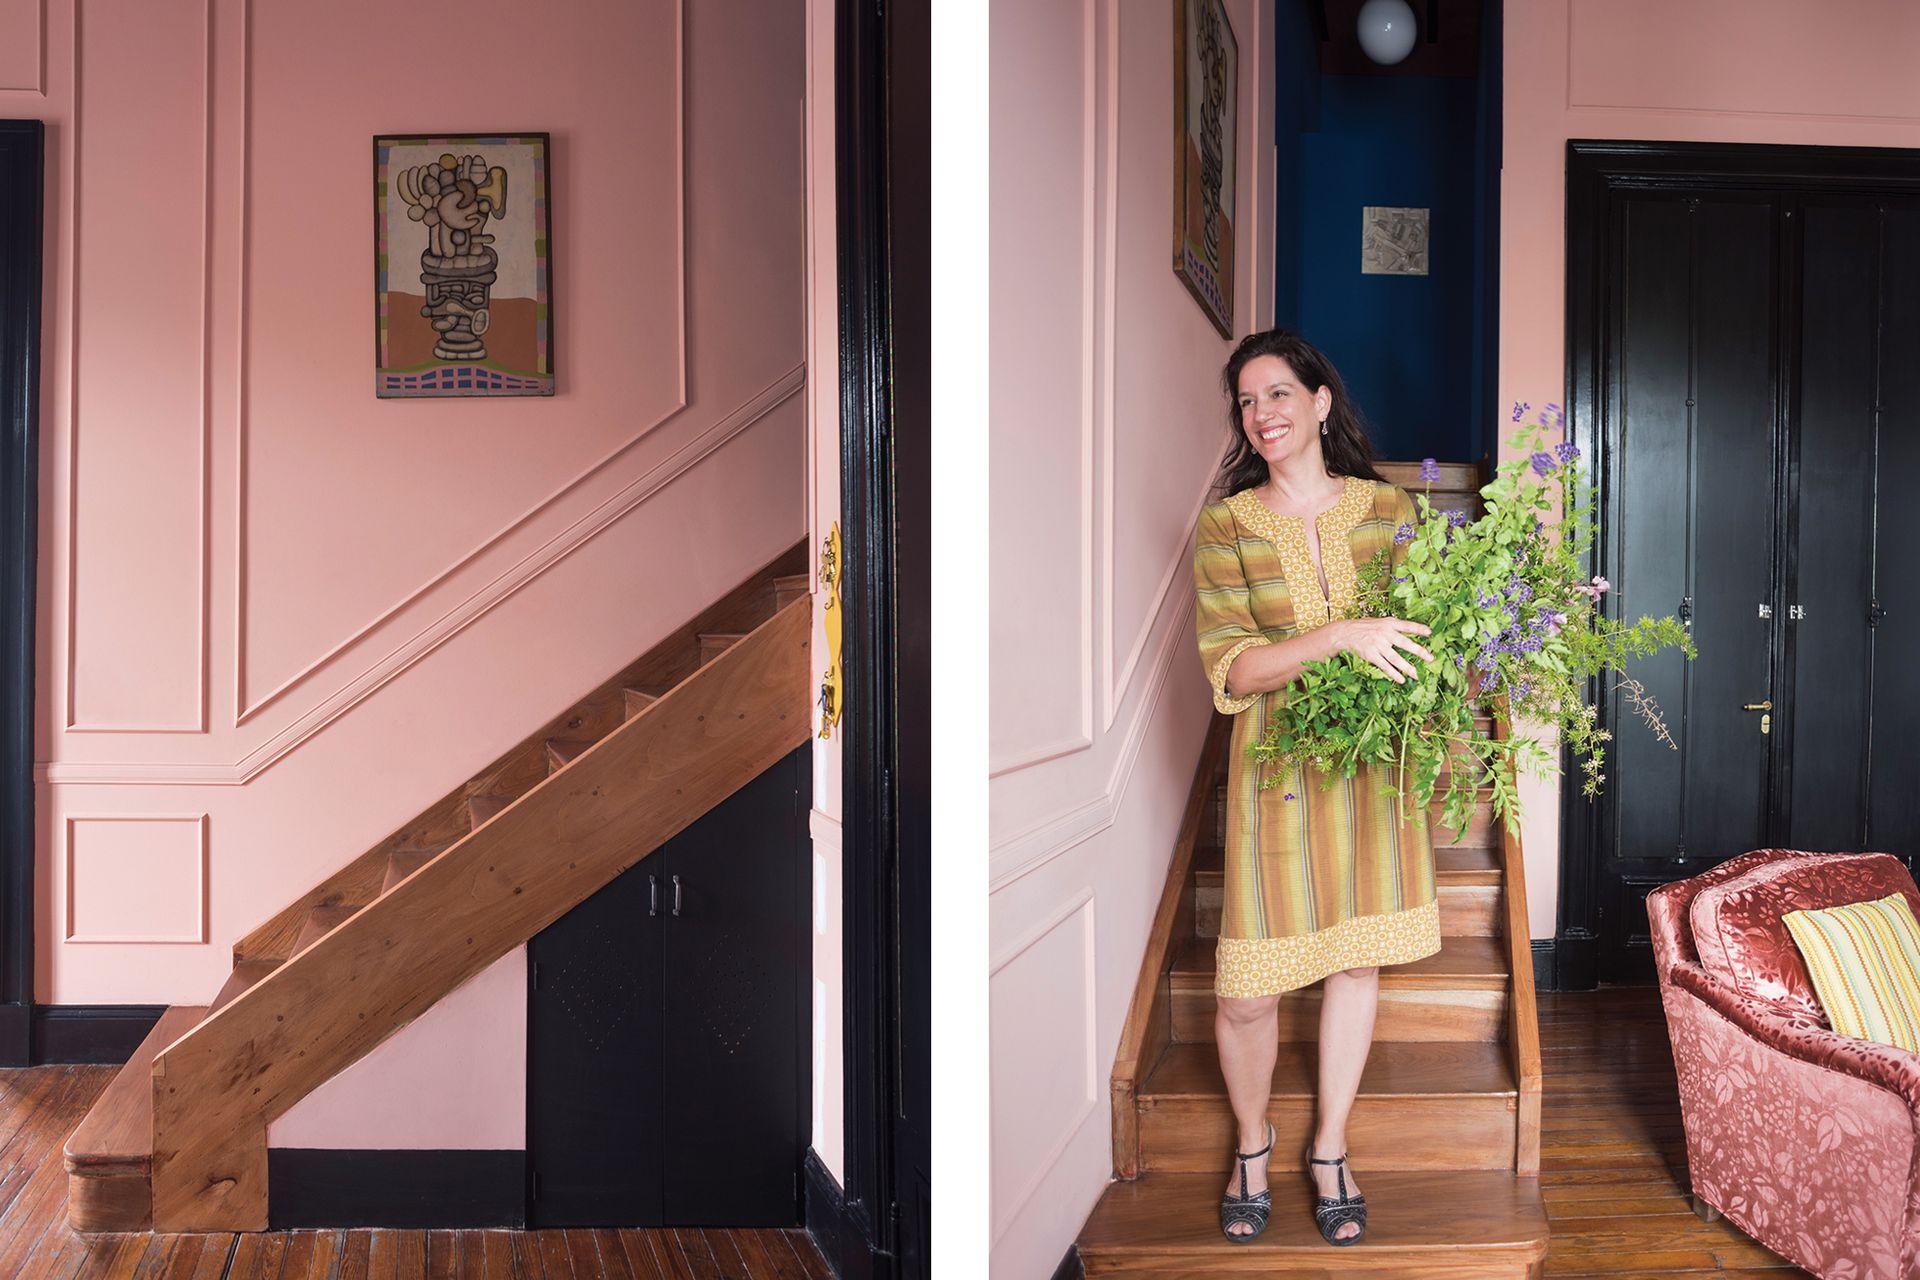 La escalera lleva al entrepiso, donde está la habitación de Rosa.